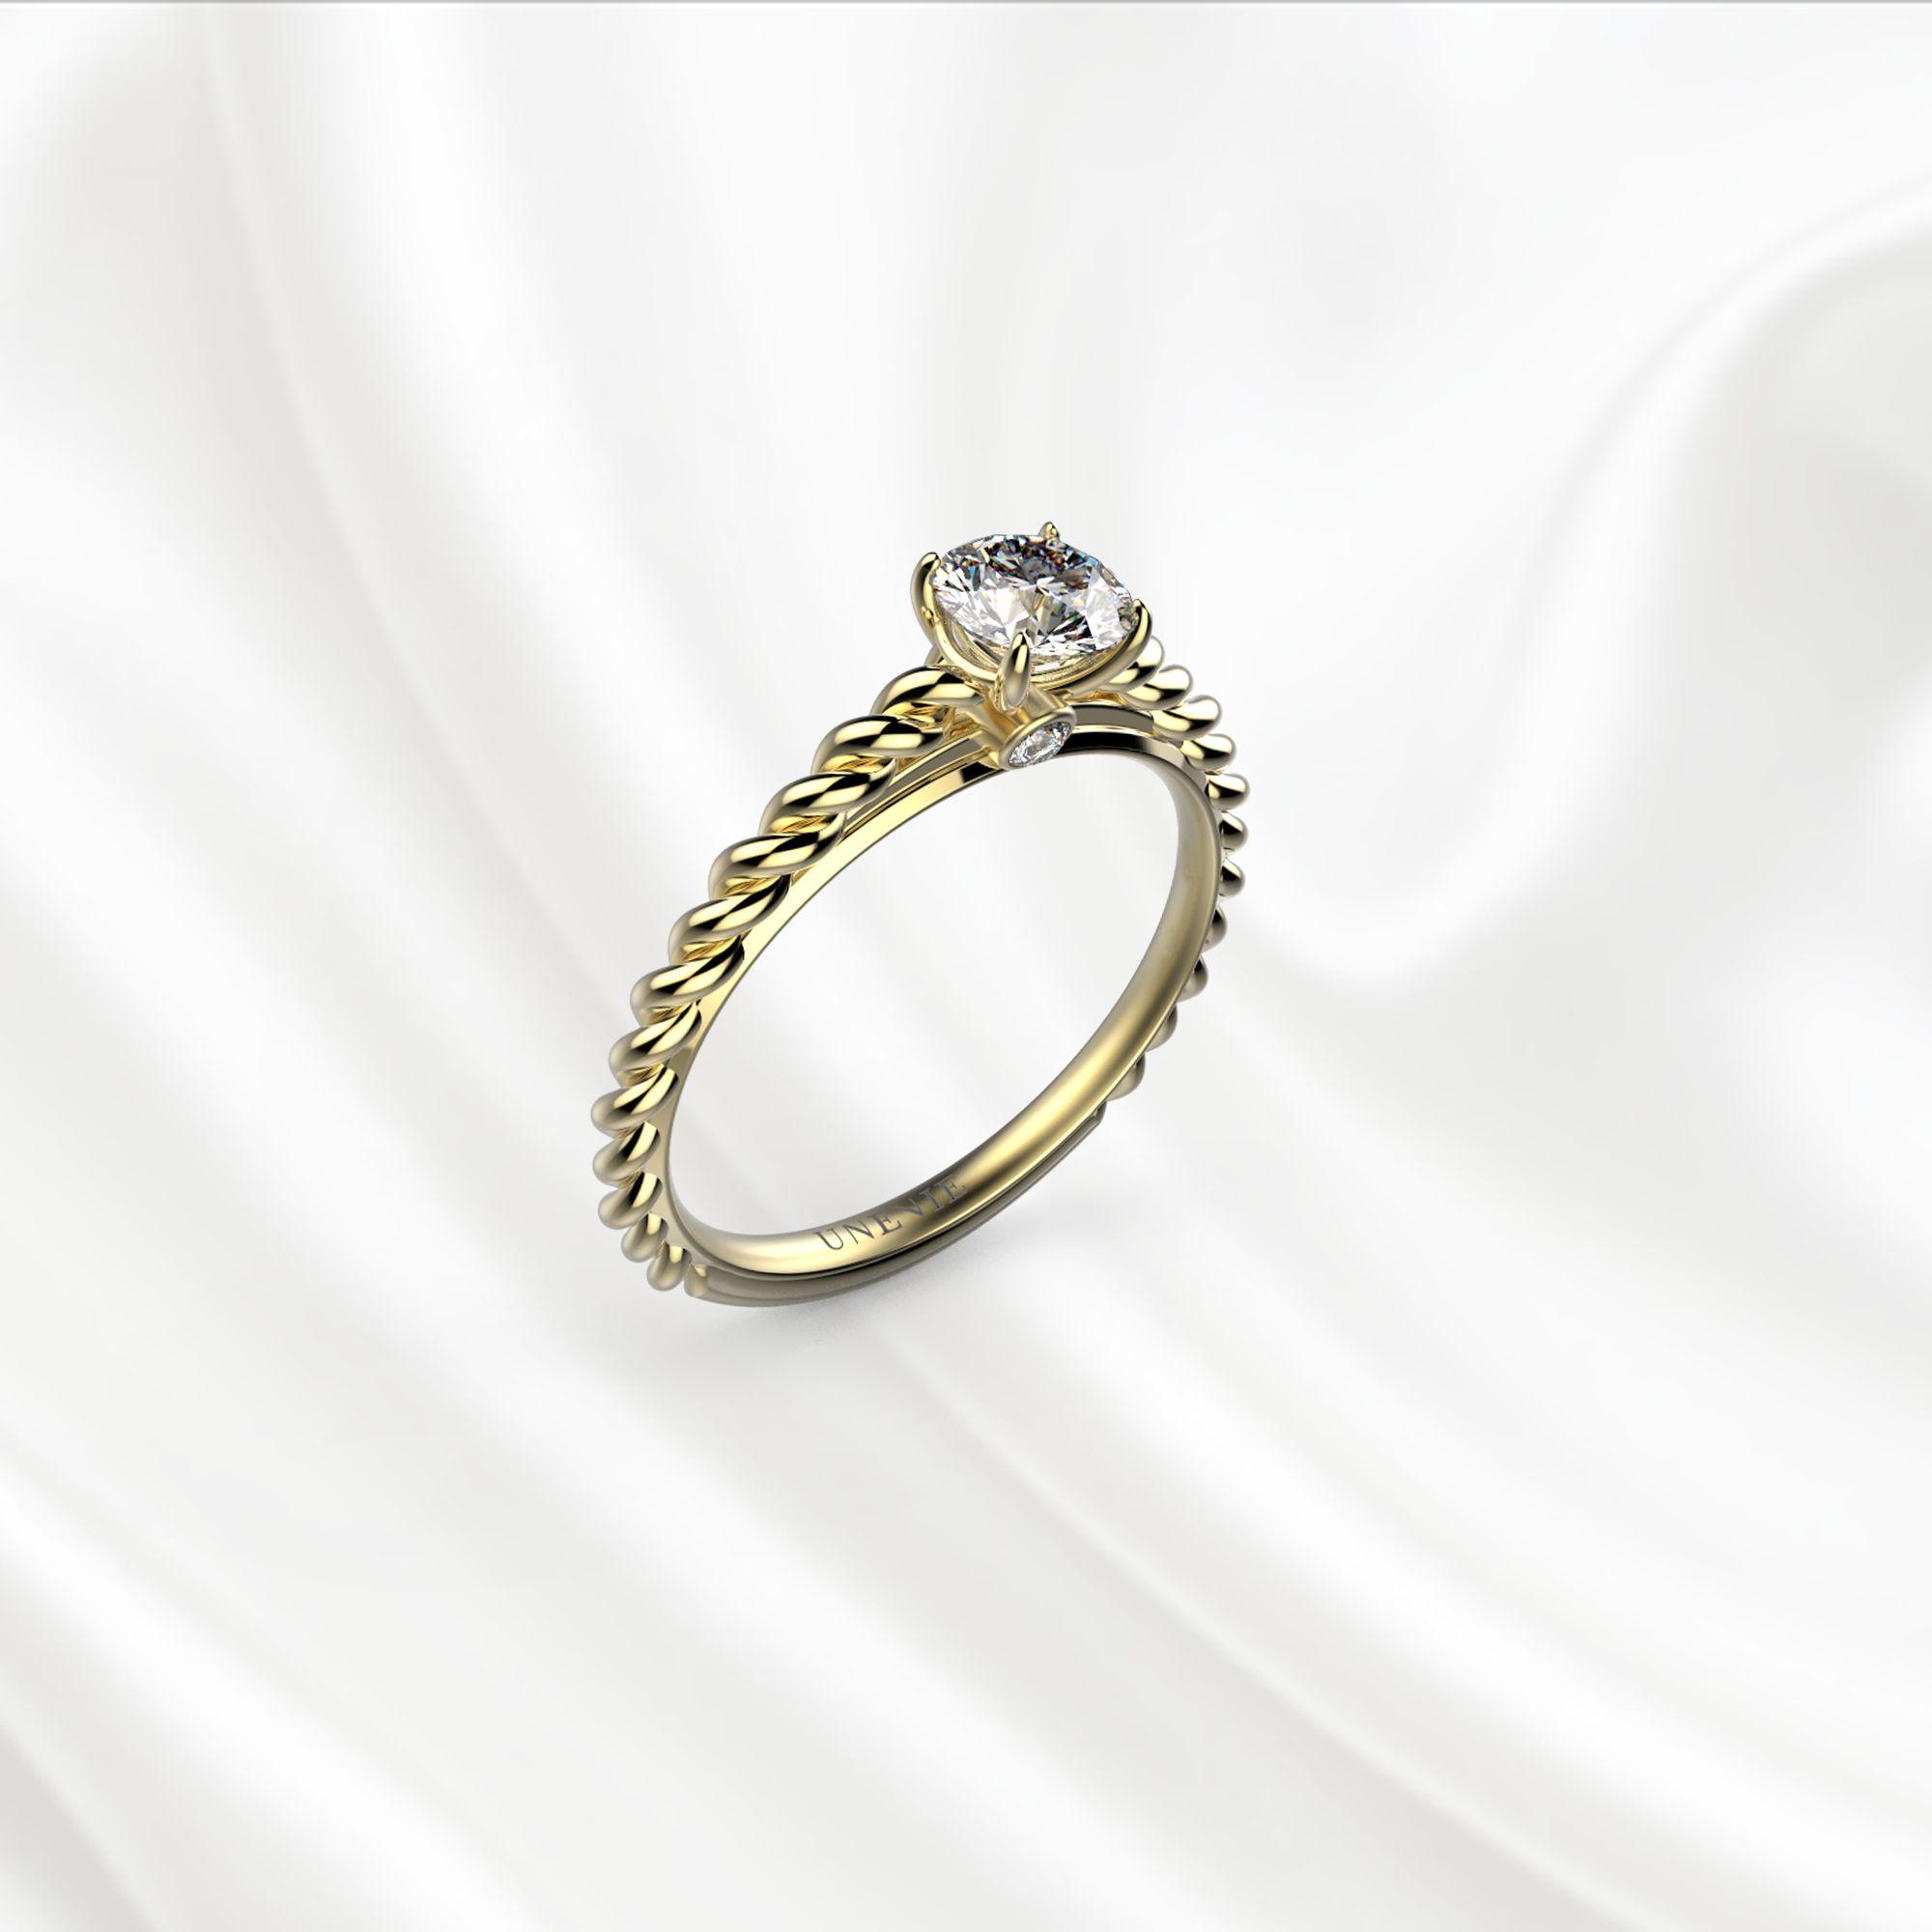 N14-1 Помолвочное кольцо из желтого золота с бриллиантом 0.35 карат